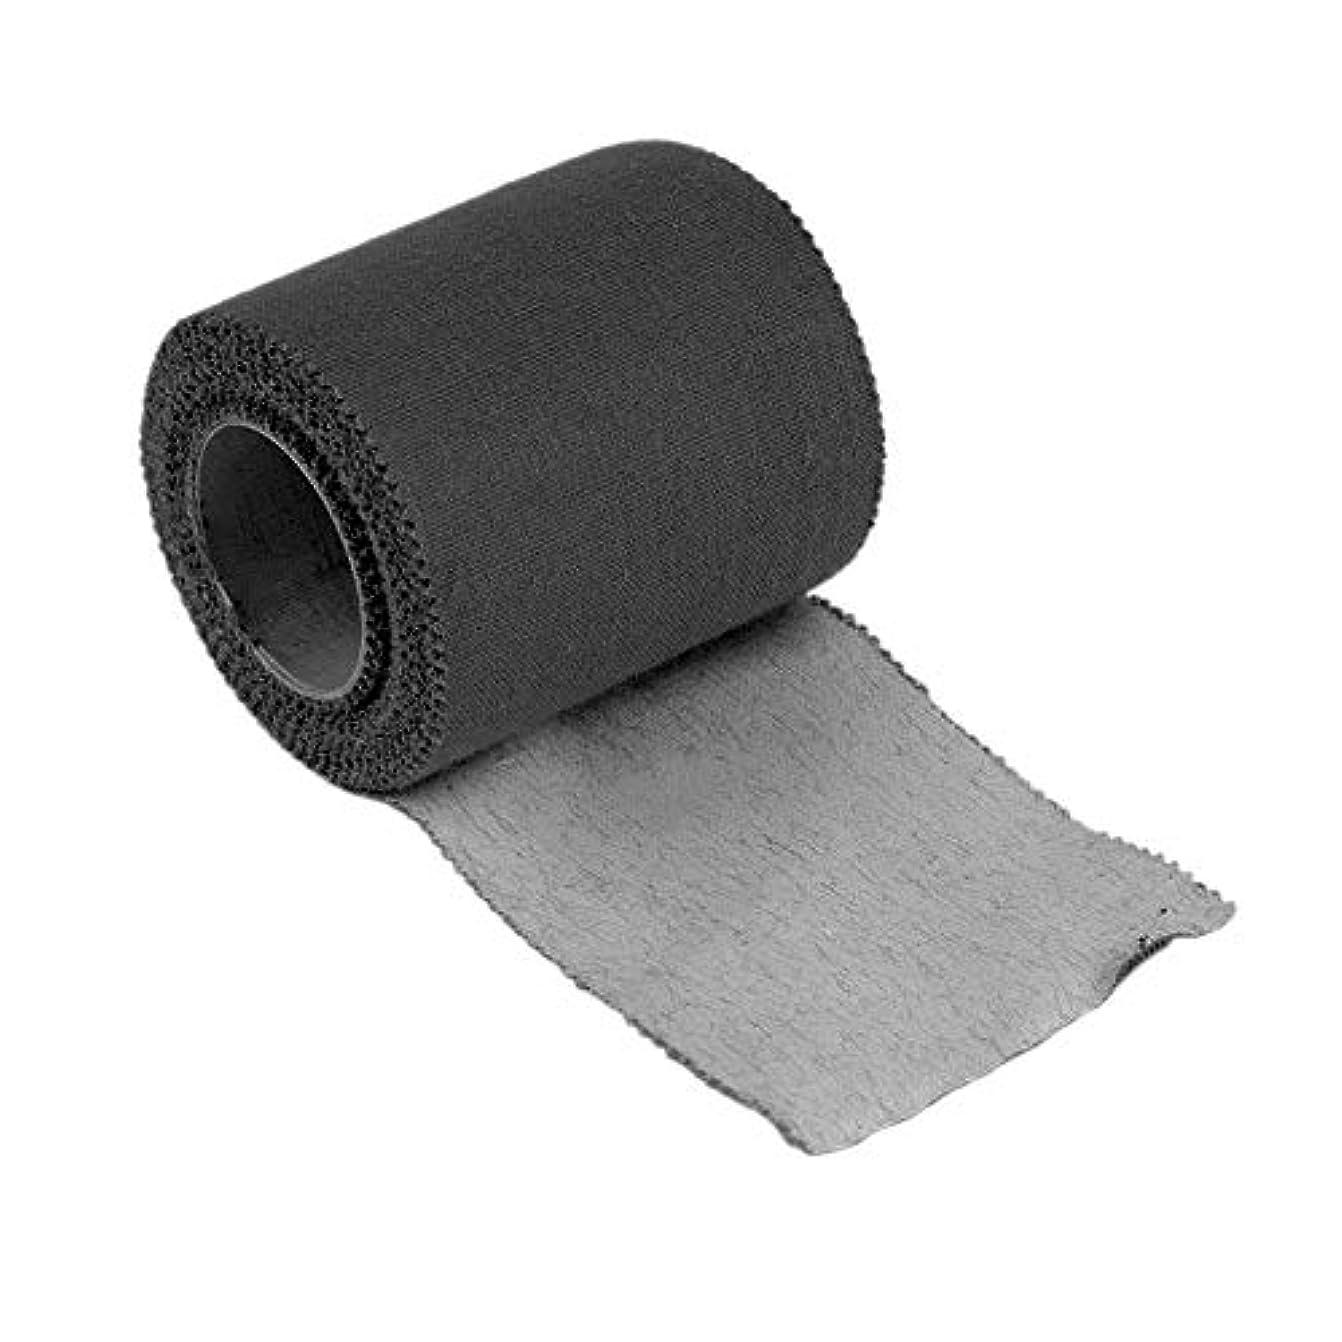 花輪乳白色ナラーバー5センチ* 5メートル治療用保護テープスポーツフィジカル筋肉ケアラップ包帯ストラップ捻挫&ひずみを制限するひずみ(Color:Black)(Size:5cm*5m)